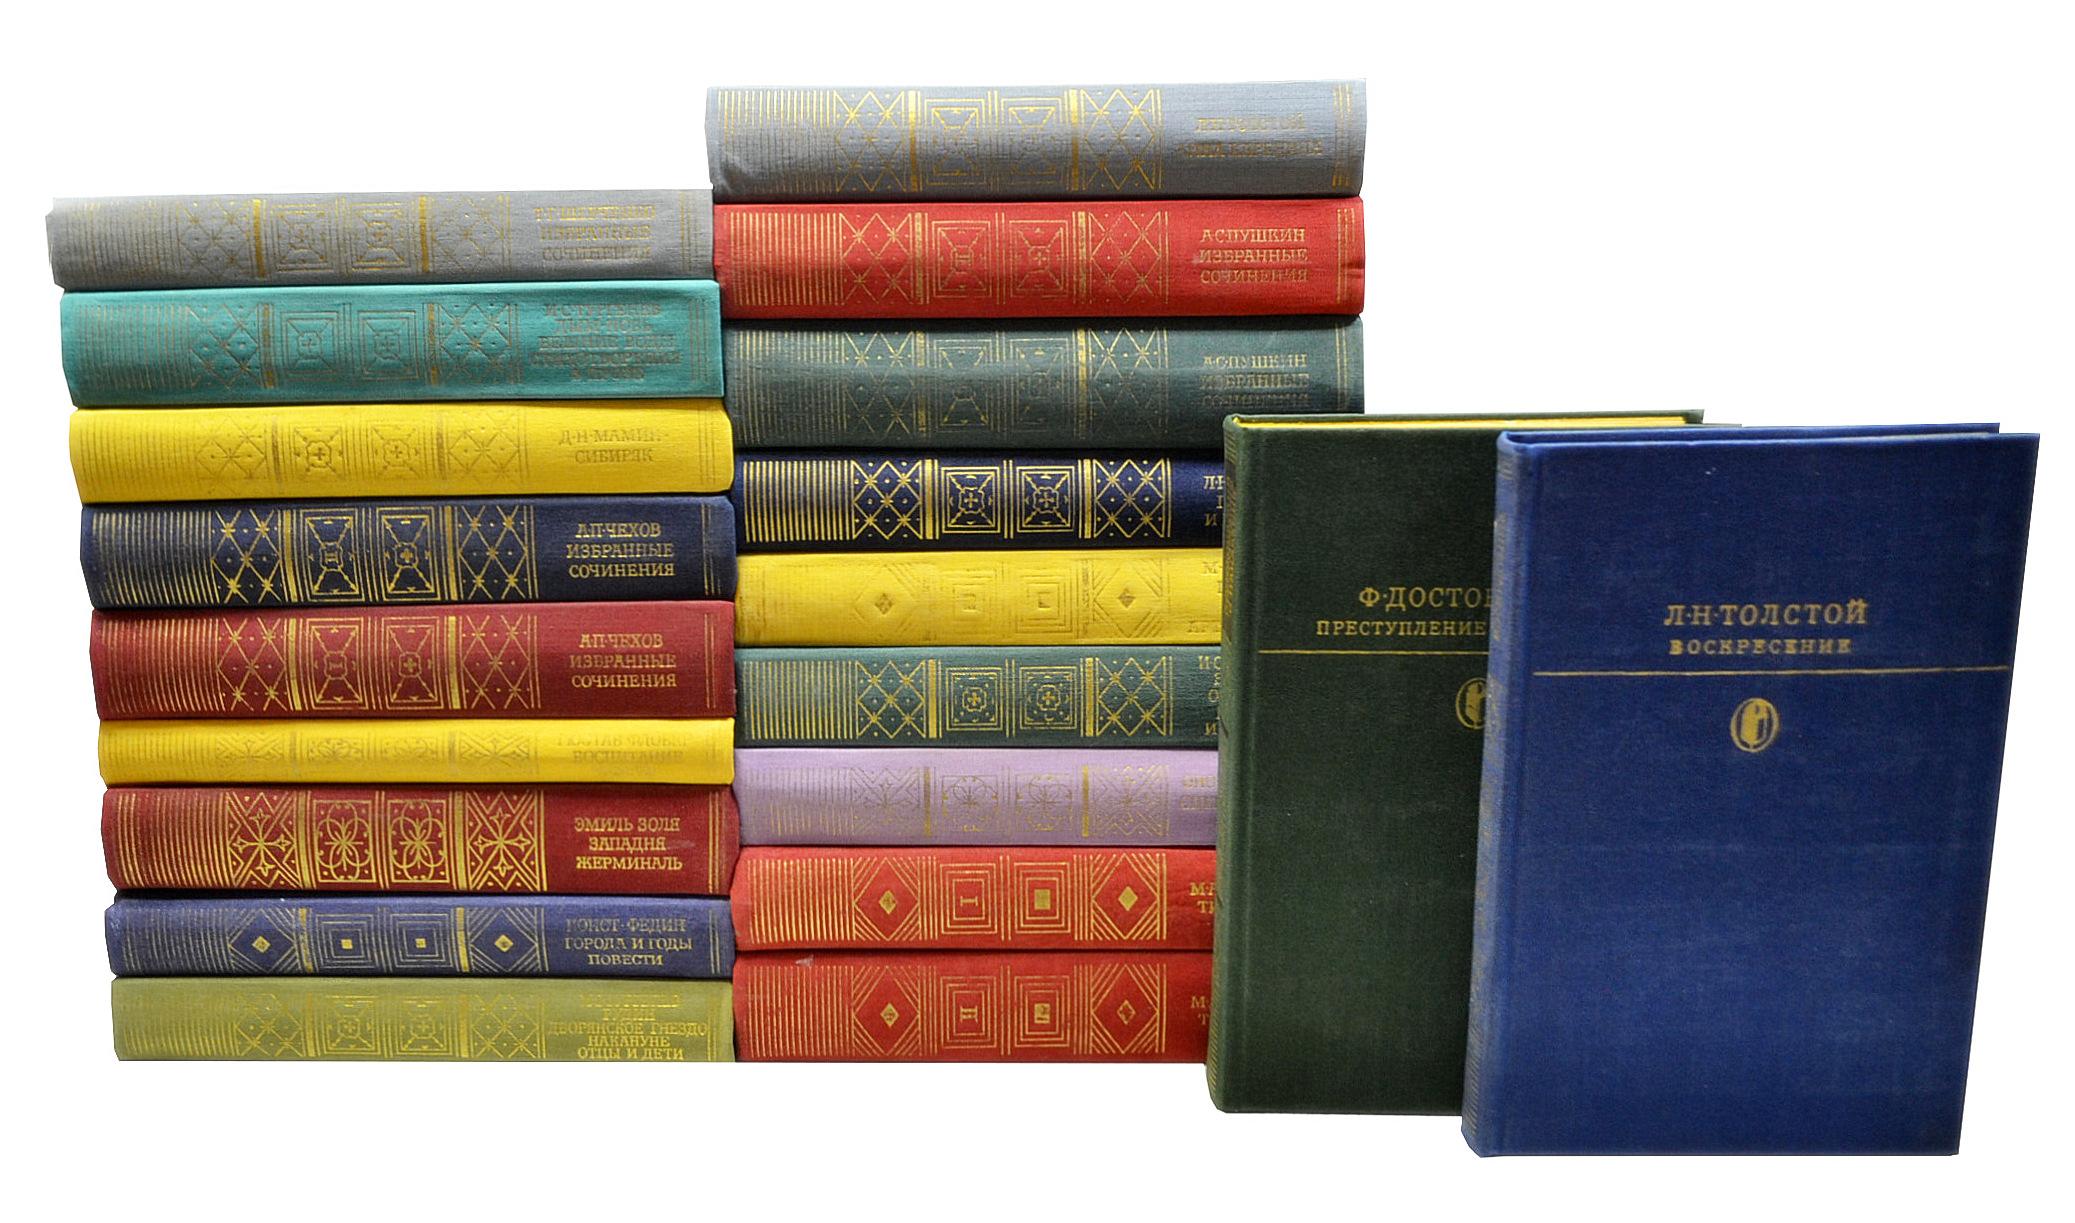 Серия Библиотека классики (комплект из 20 книг) библиотека русской классики комплект из 300 книг